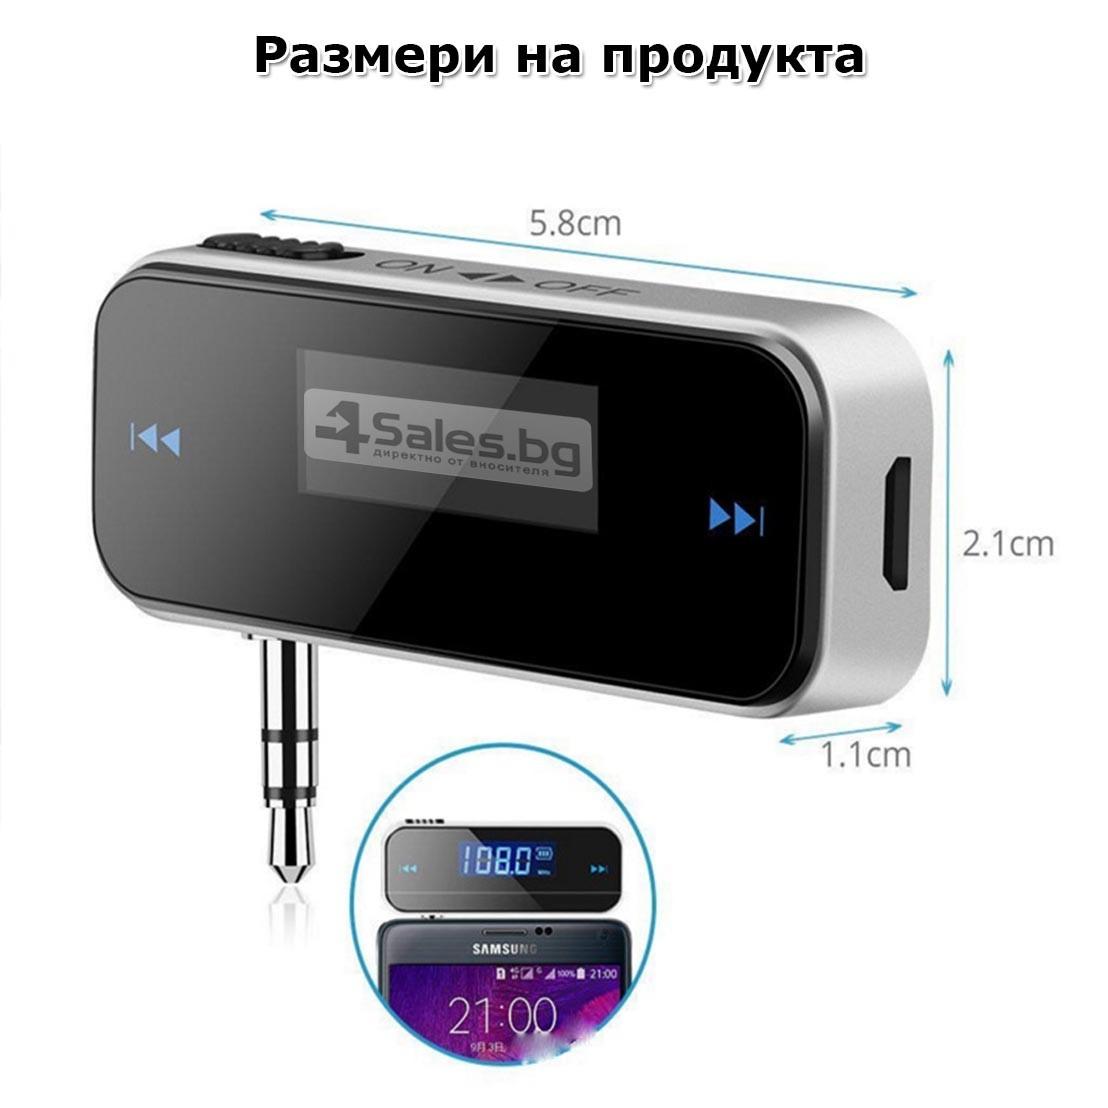 3,5 мм FM мини предавател за кола HF7 9